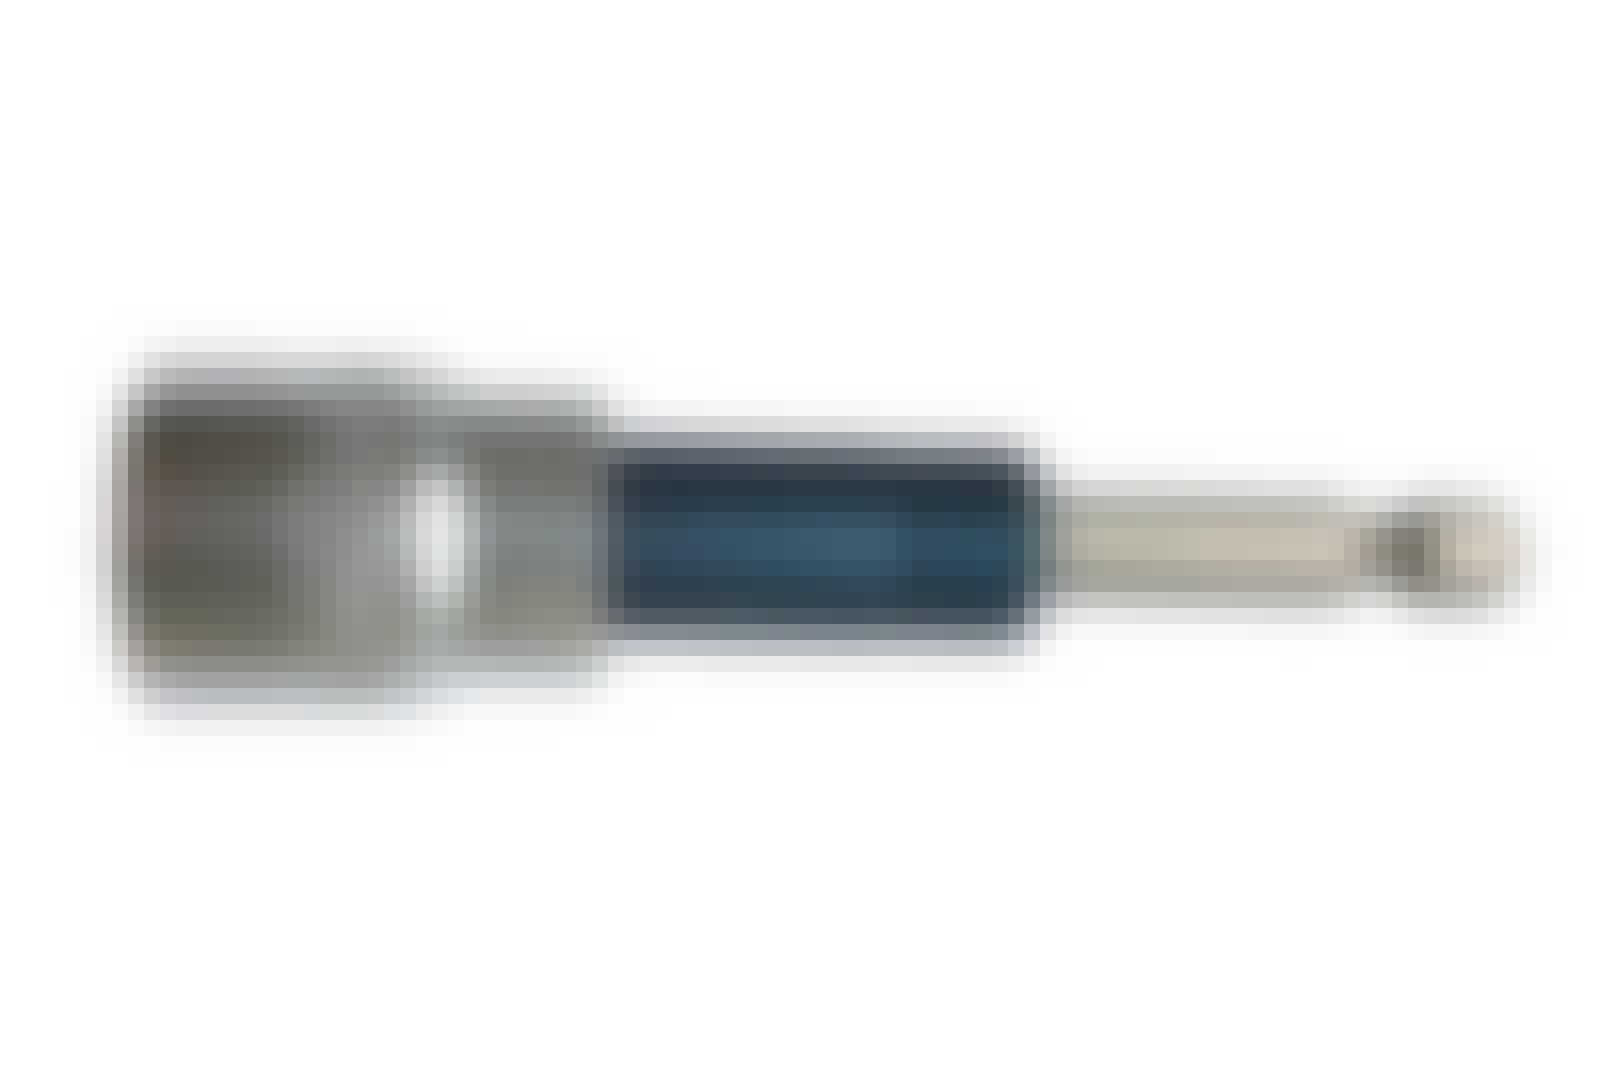 Mutterinväännin: Mutterinväännintä voi käyttää renkaiden vaihtamiseen ja pulttien kiristämiseen.